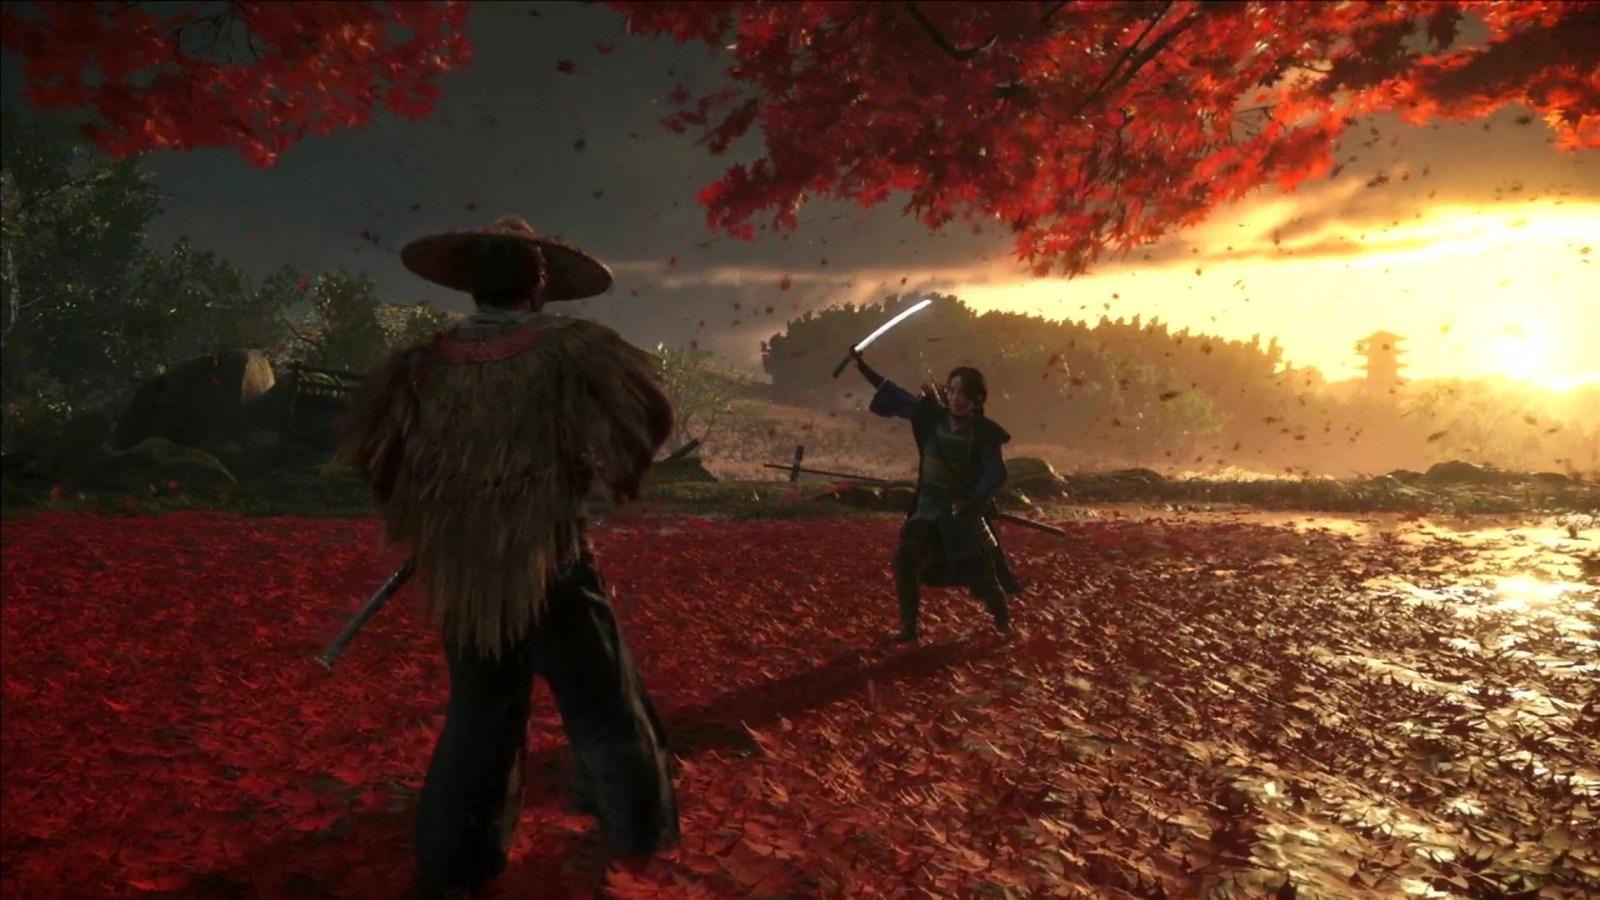 Nejočekávanější hry v roce 2019; Ghost of Tsushima, screenshot: listí